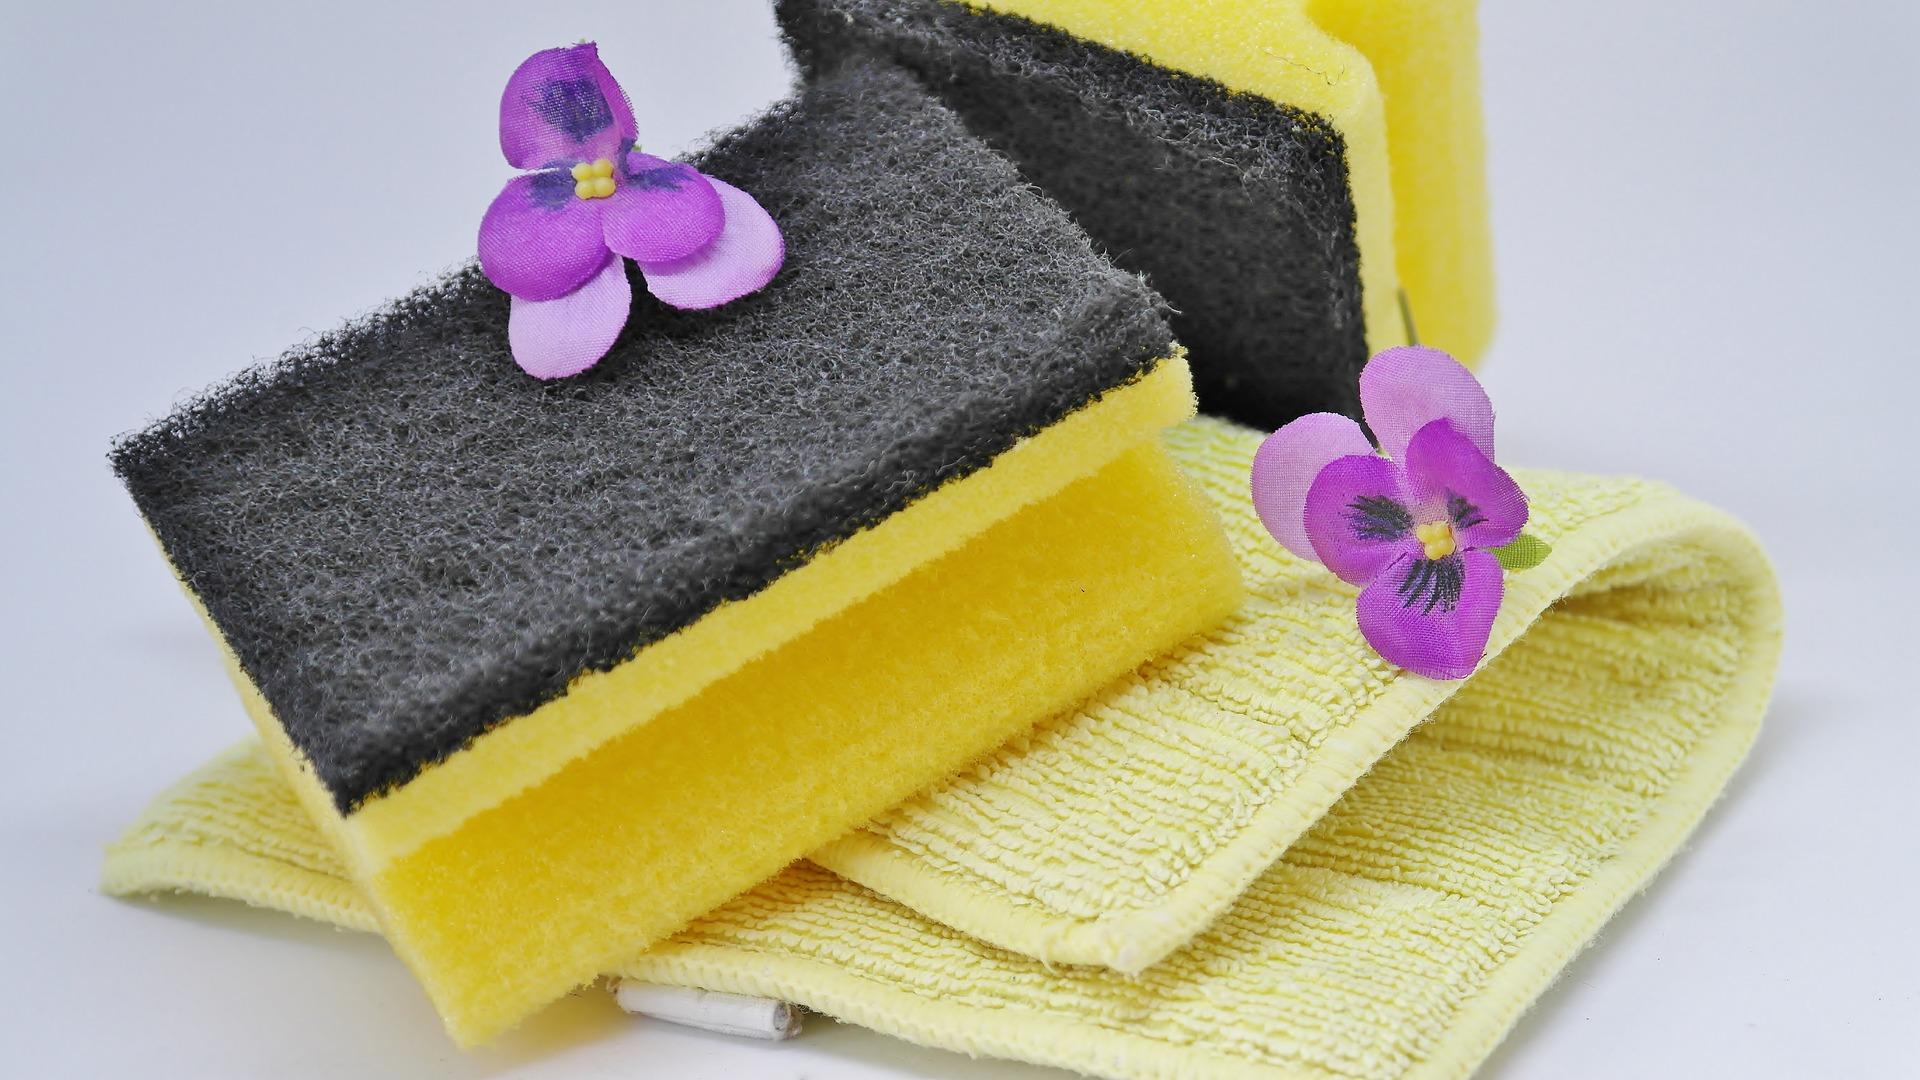 hygiene-3254675_1920.jpg